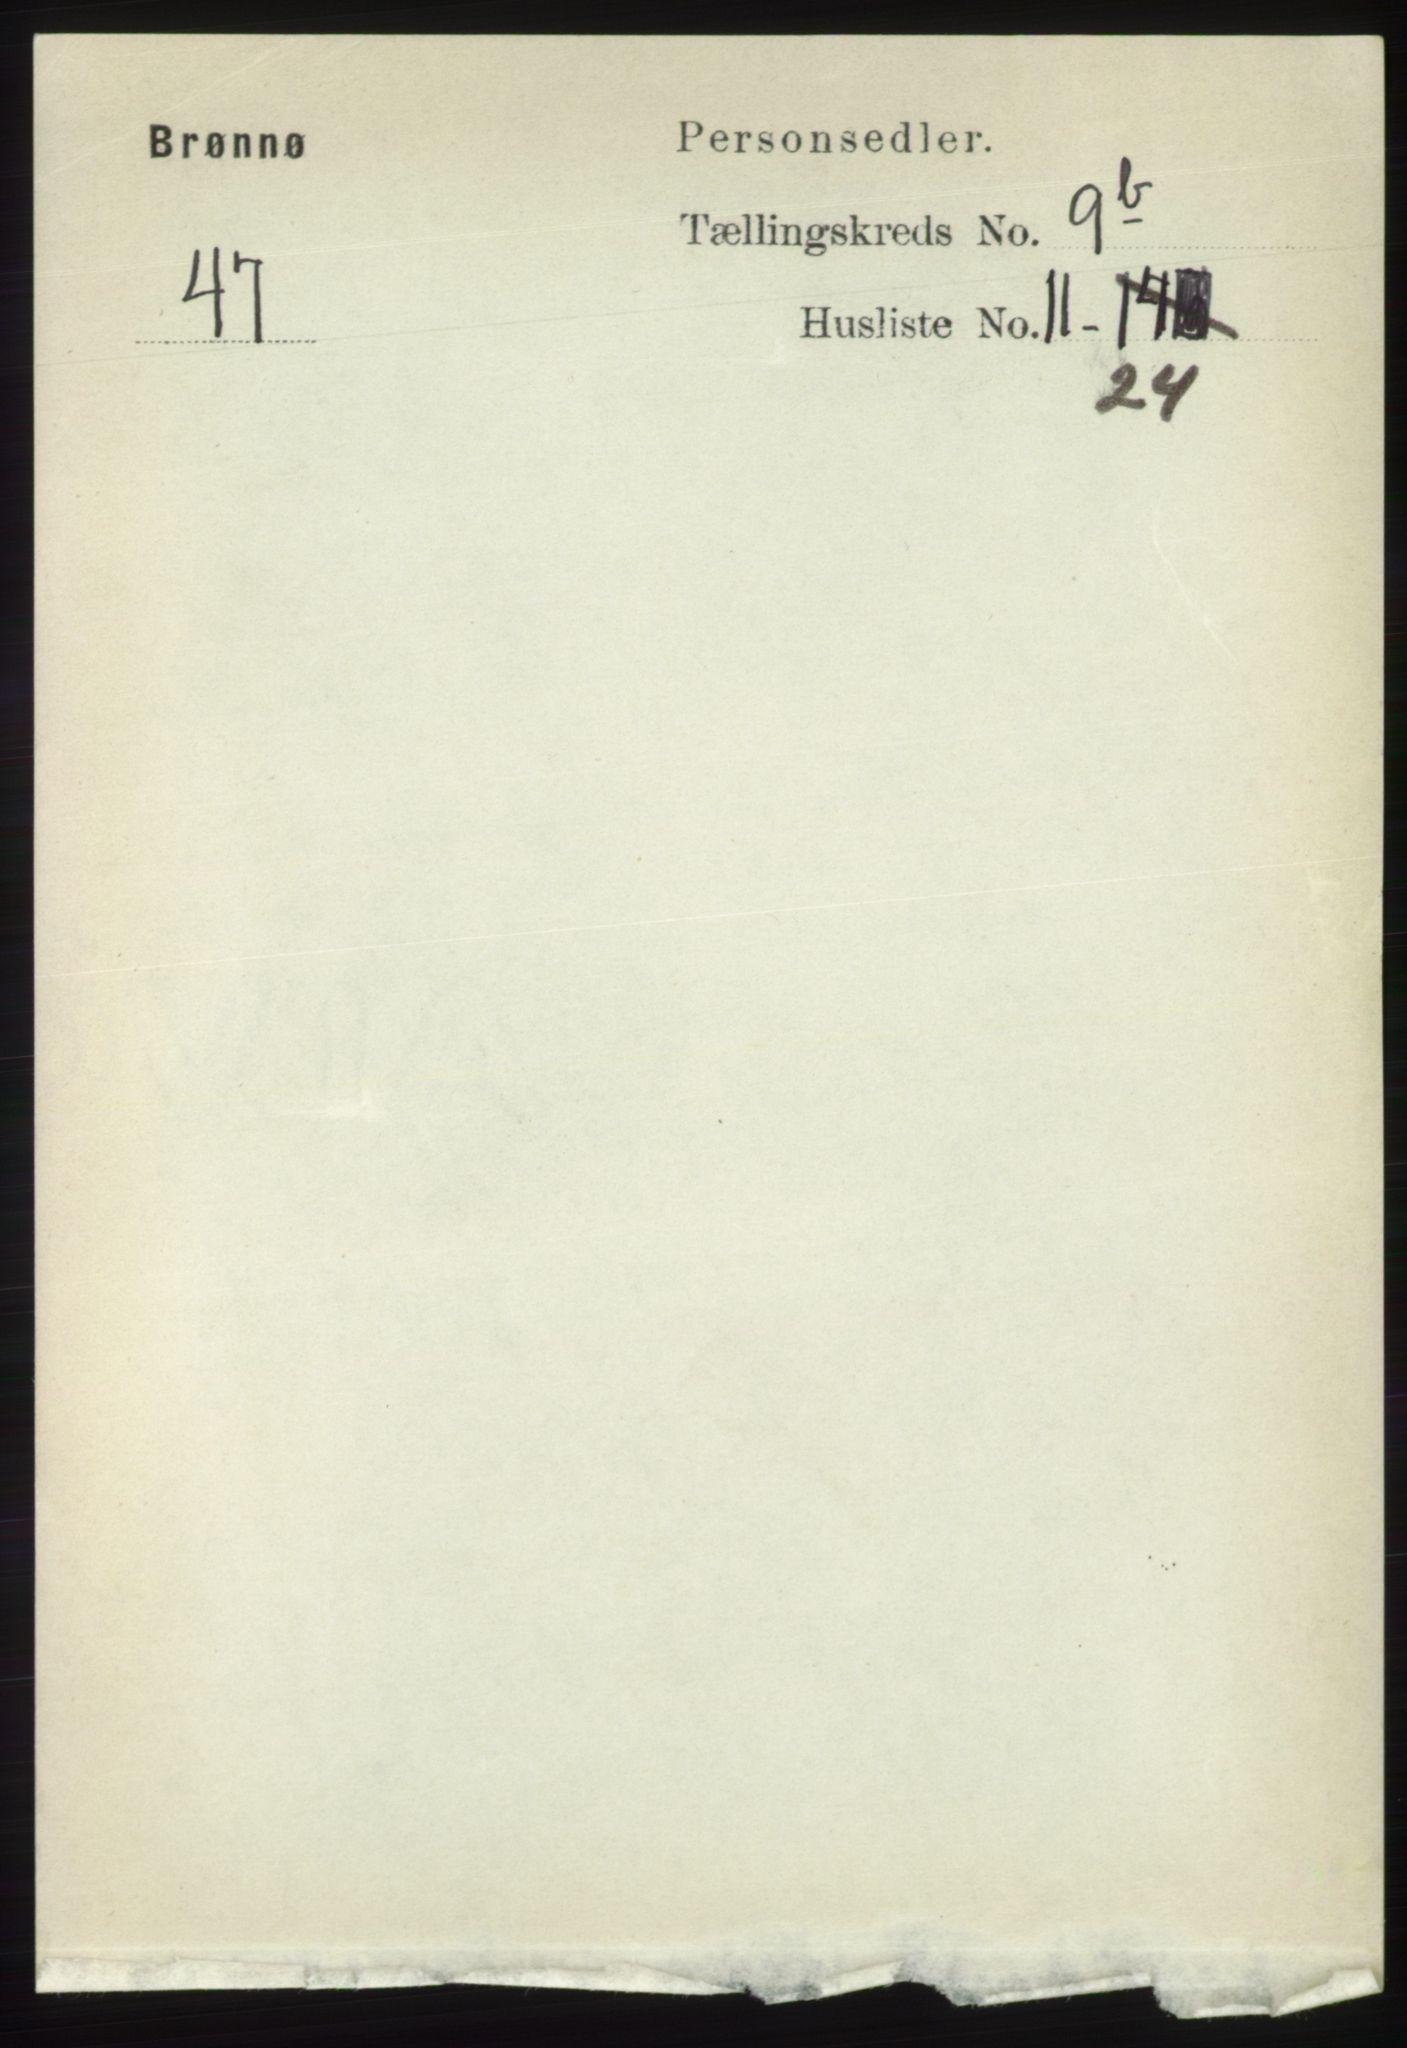 RA, Folketelling 1891 for 1814 Brønnøy herred, 1891, s. 5490